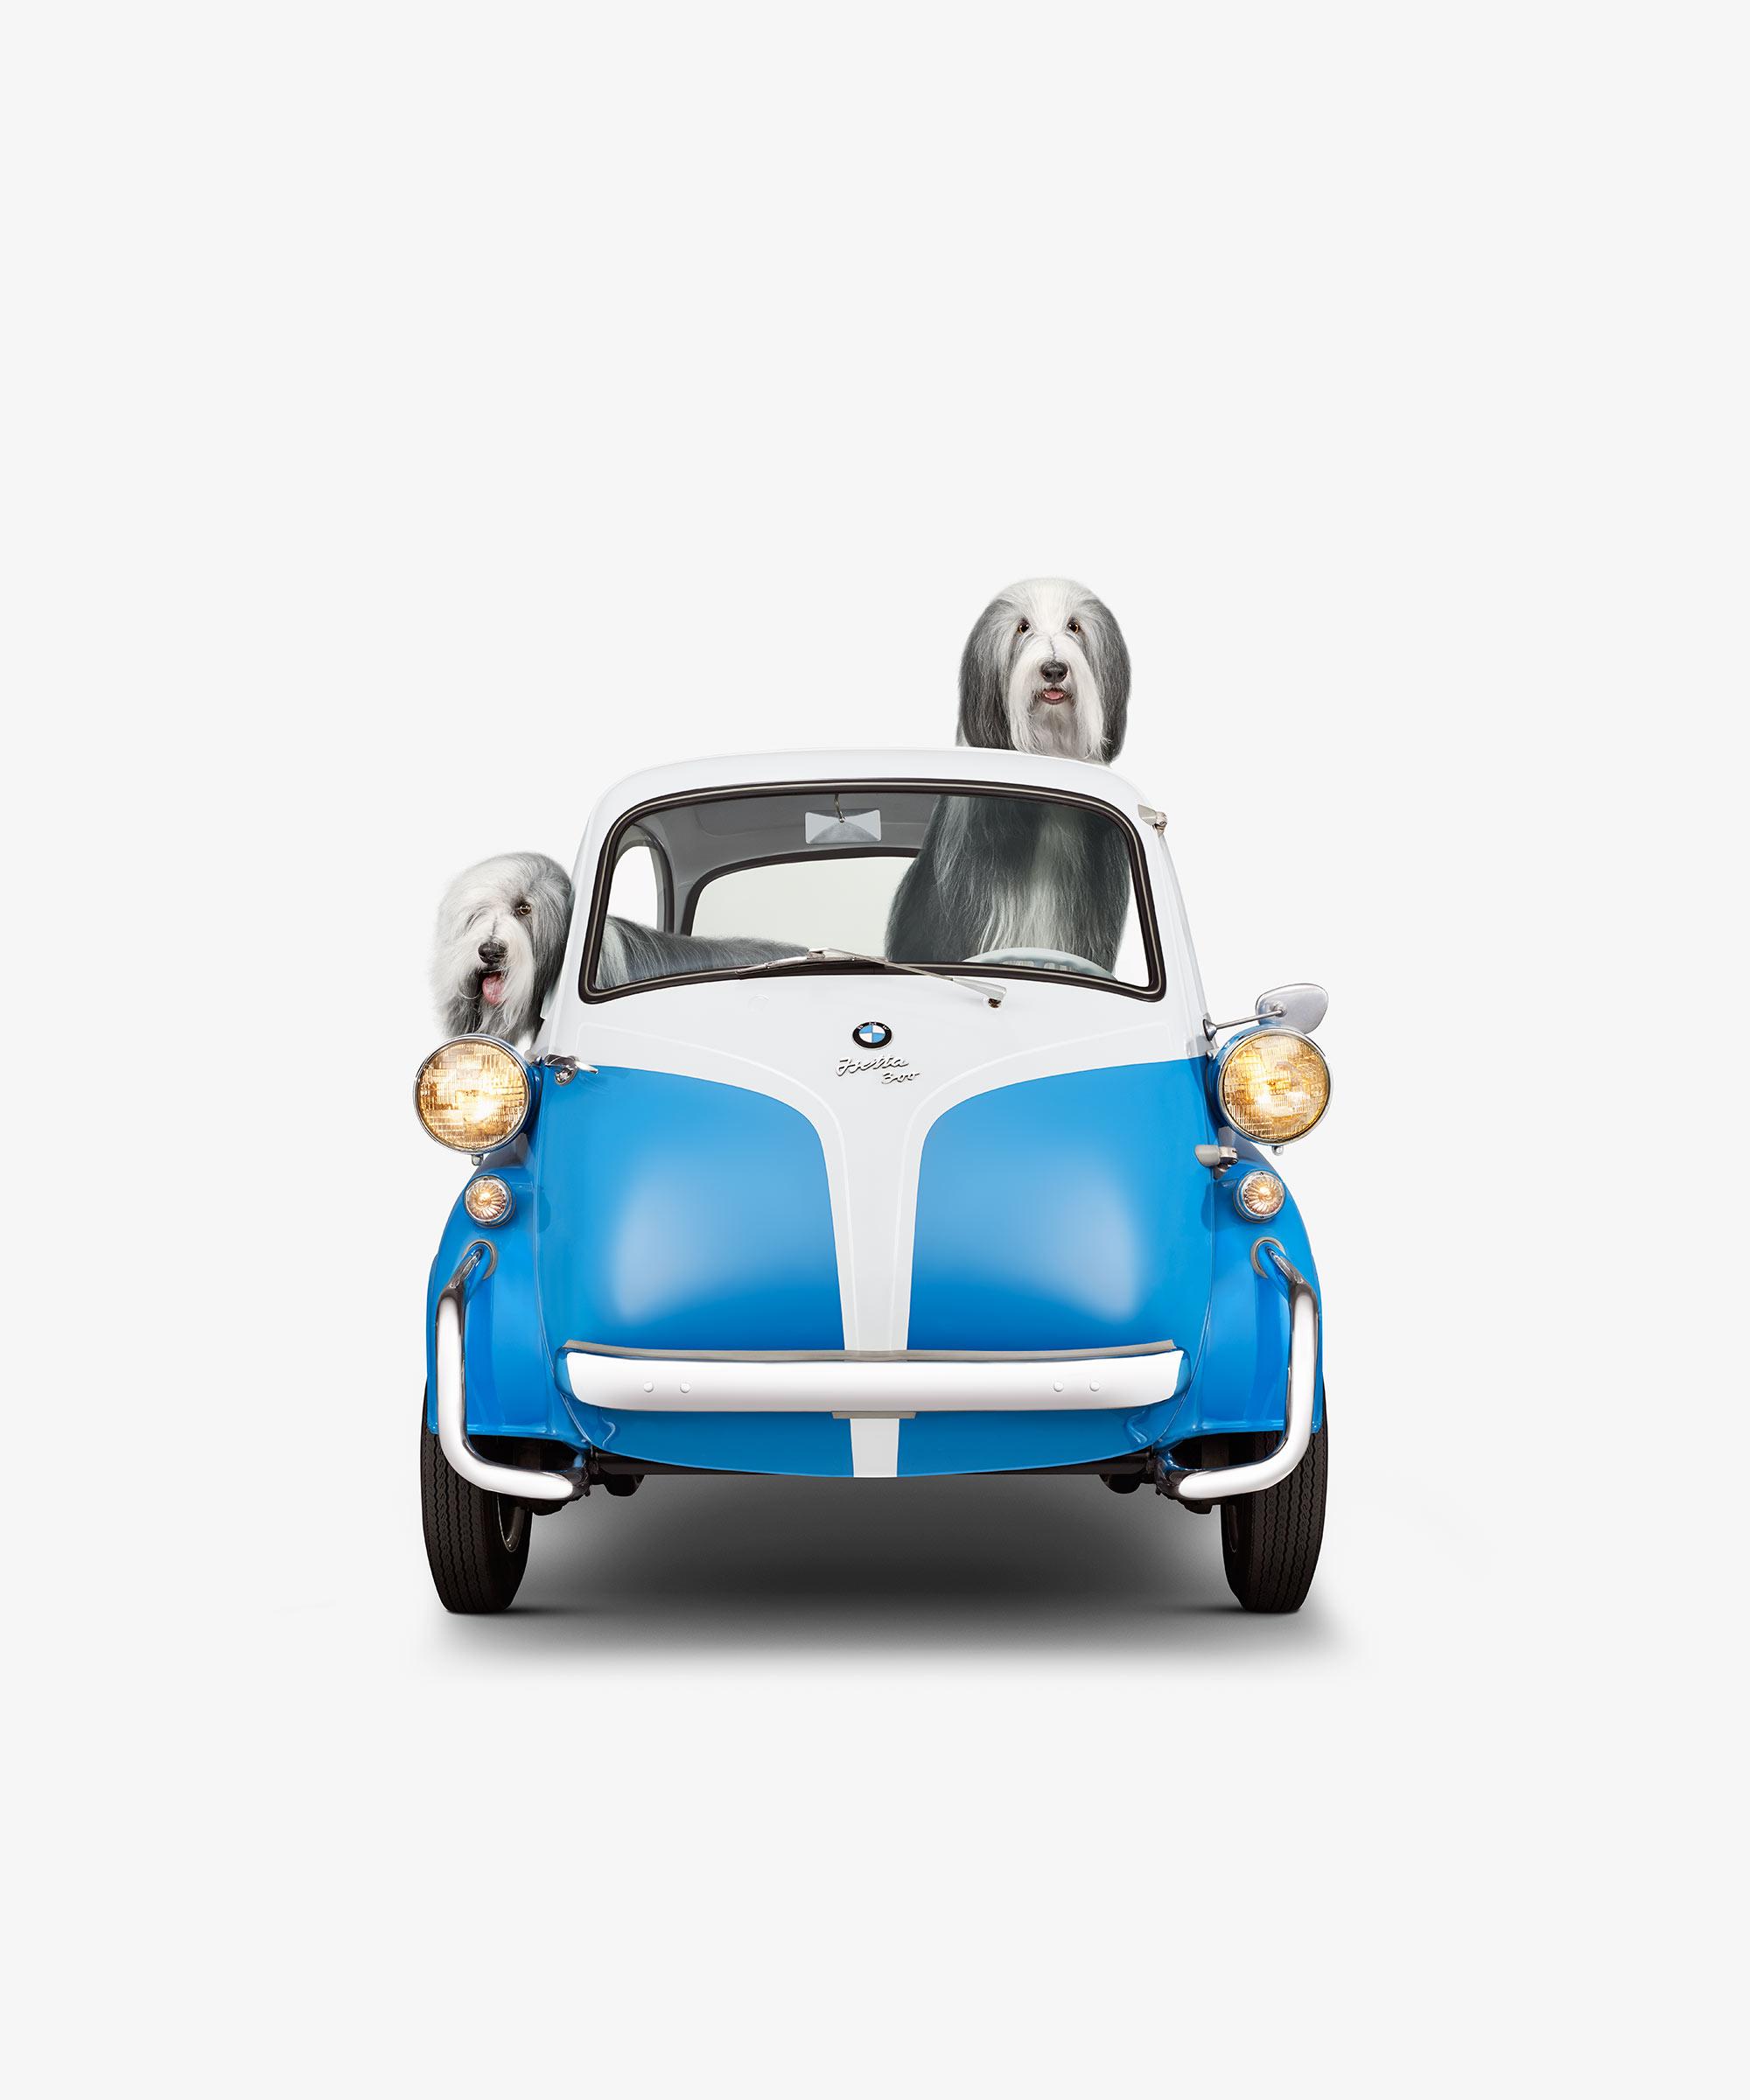 BMW Isetta & English Mastiff (17 x 17)